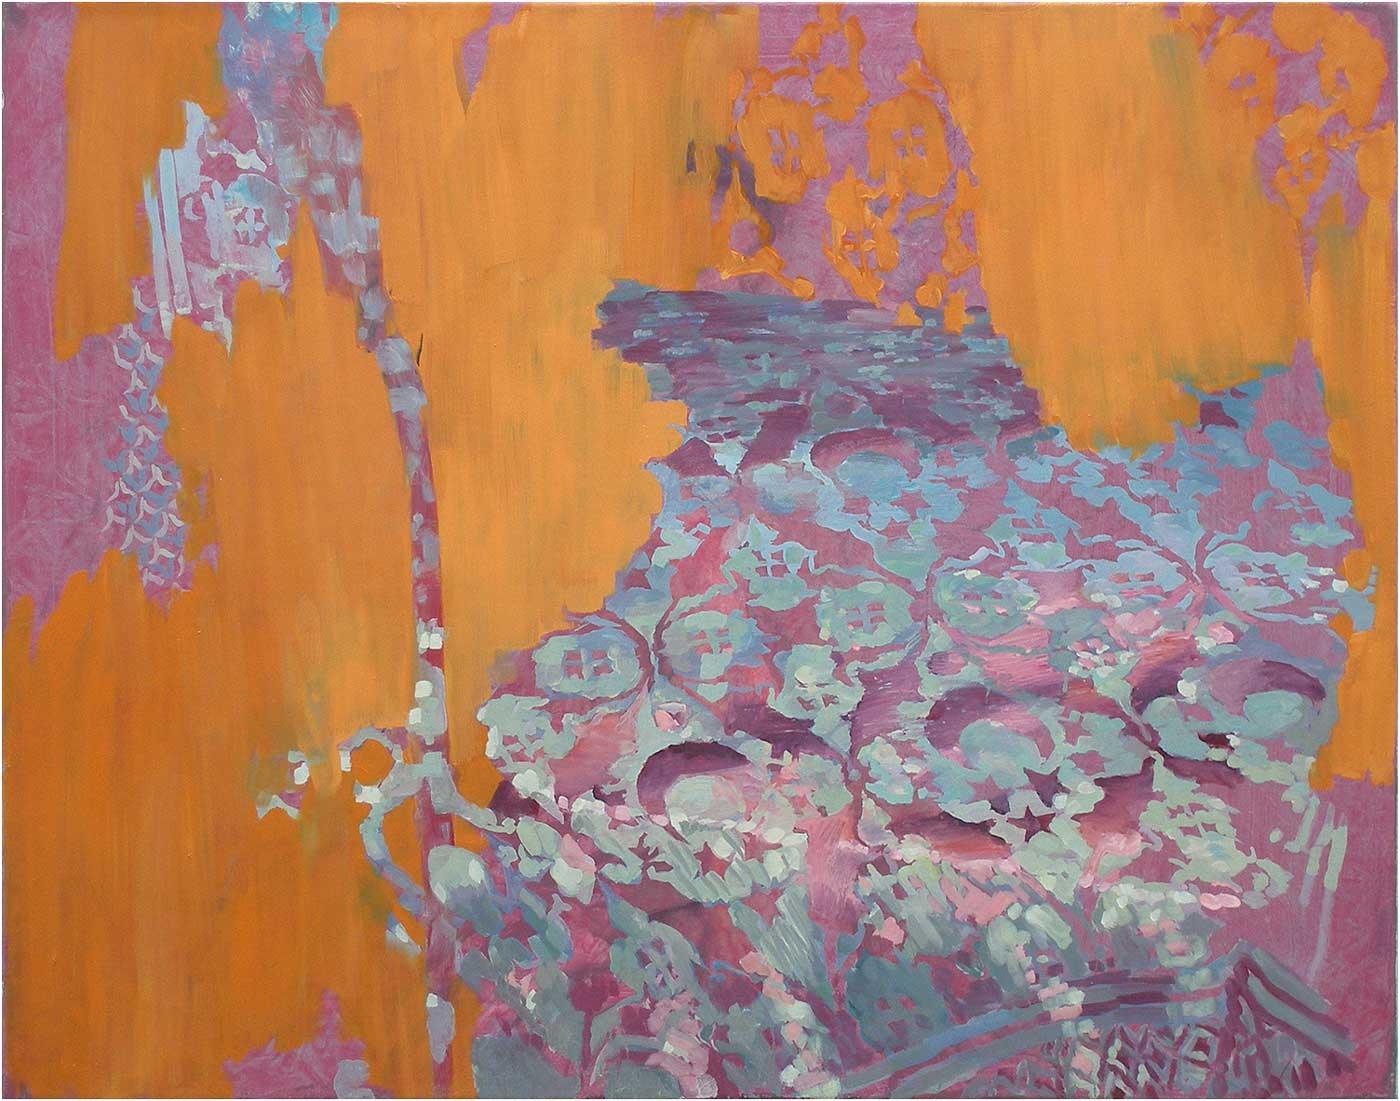 Arabeske 61, 70 x 90 cm, Öl/Lwd., 2016